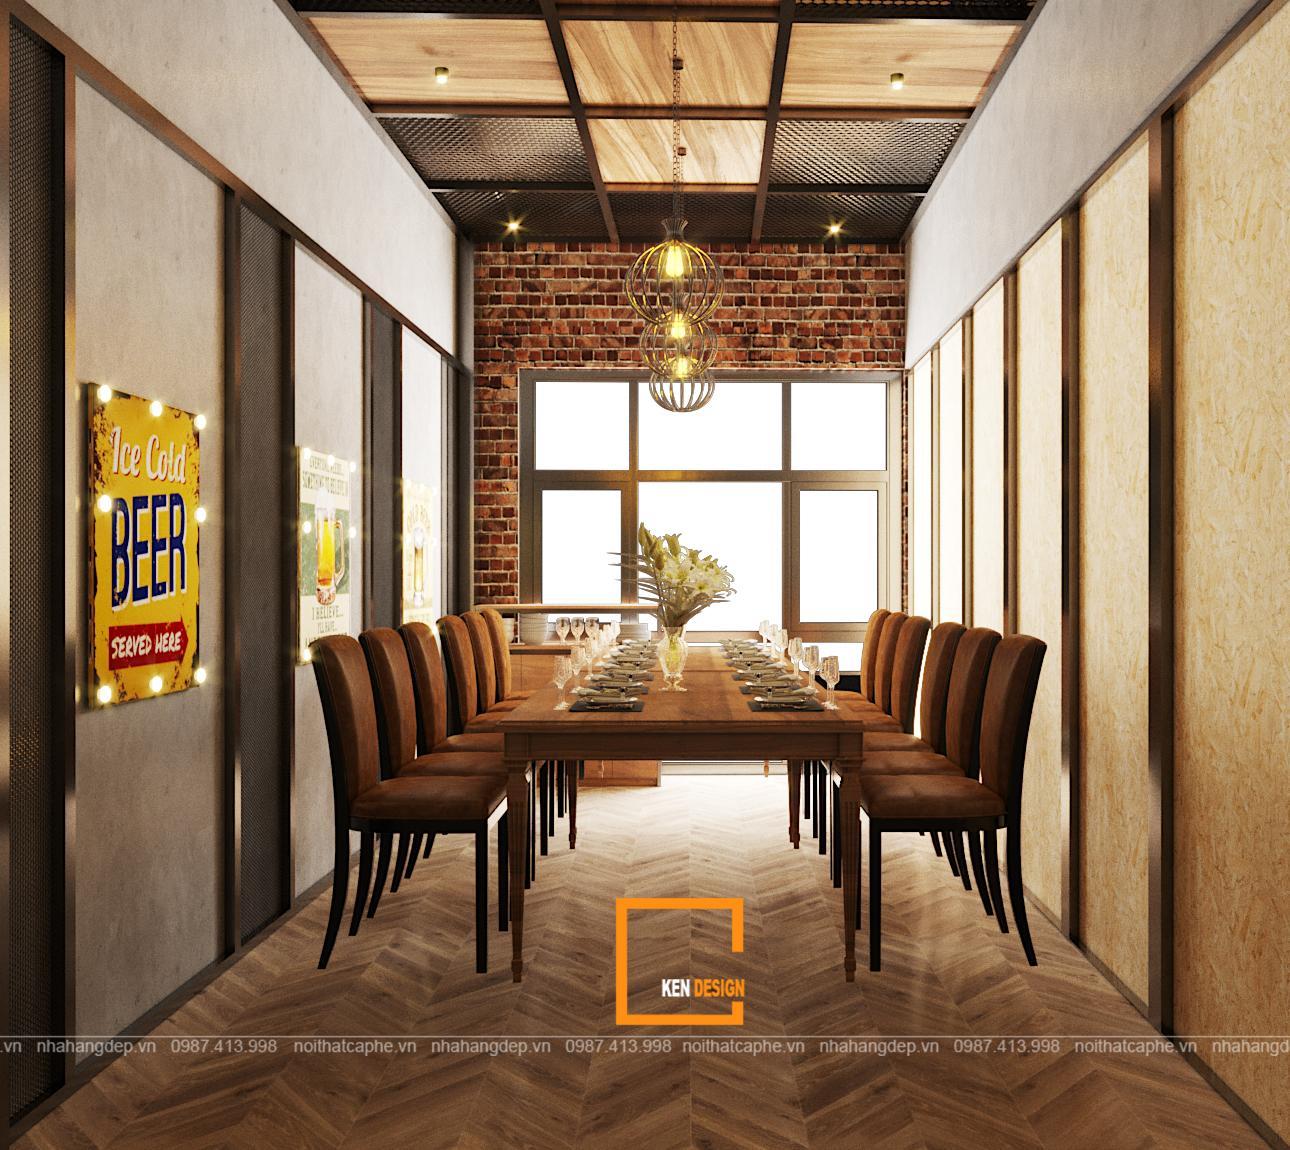 0e50374be2fa04a45deb 1 1 1 - Thiết kế nhà hàng Sapphire - sự kết hợp hoàn hảo giữa phong cách Industrial và Rustic